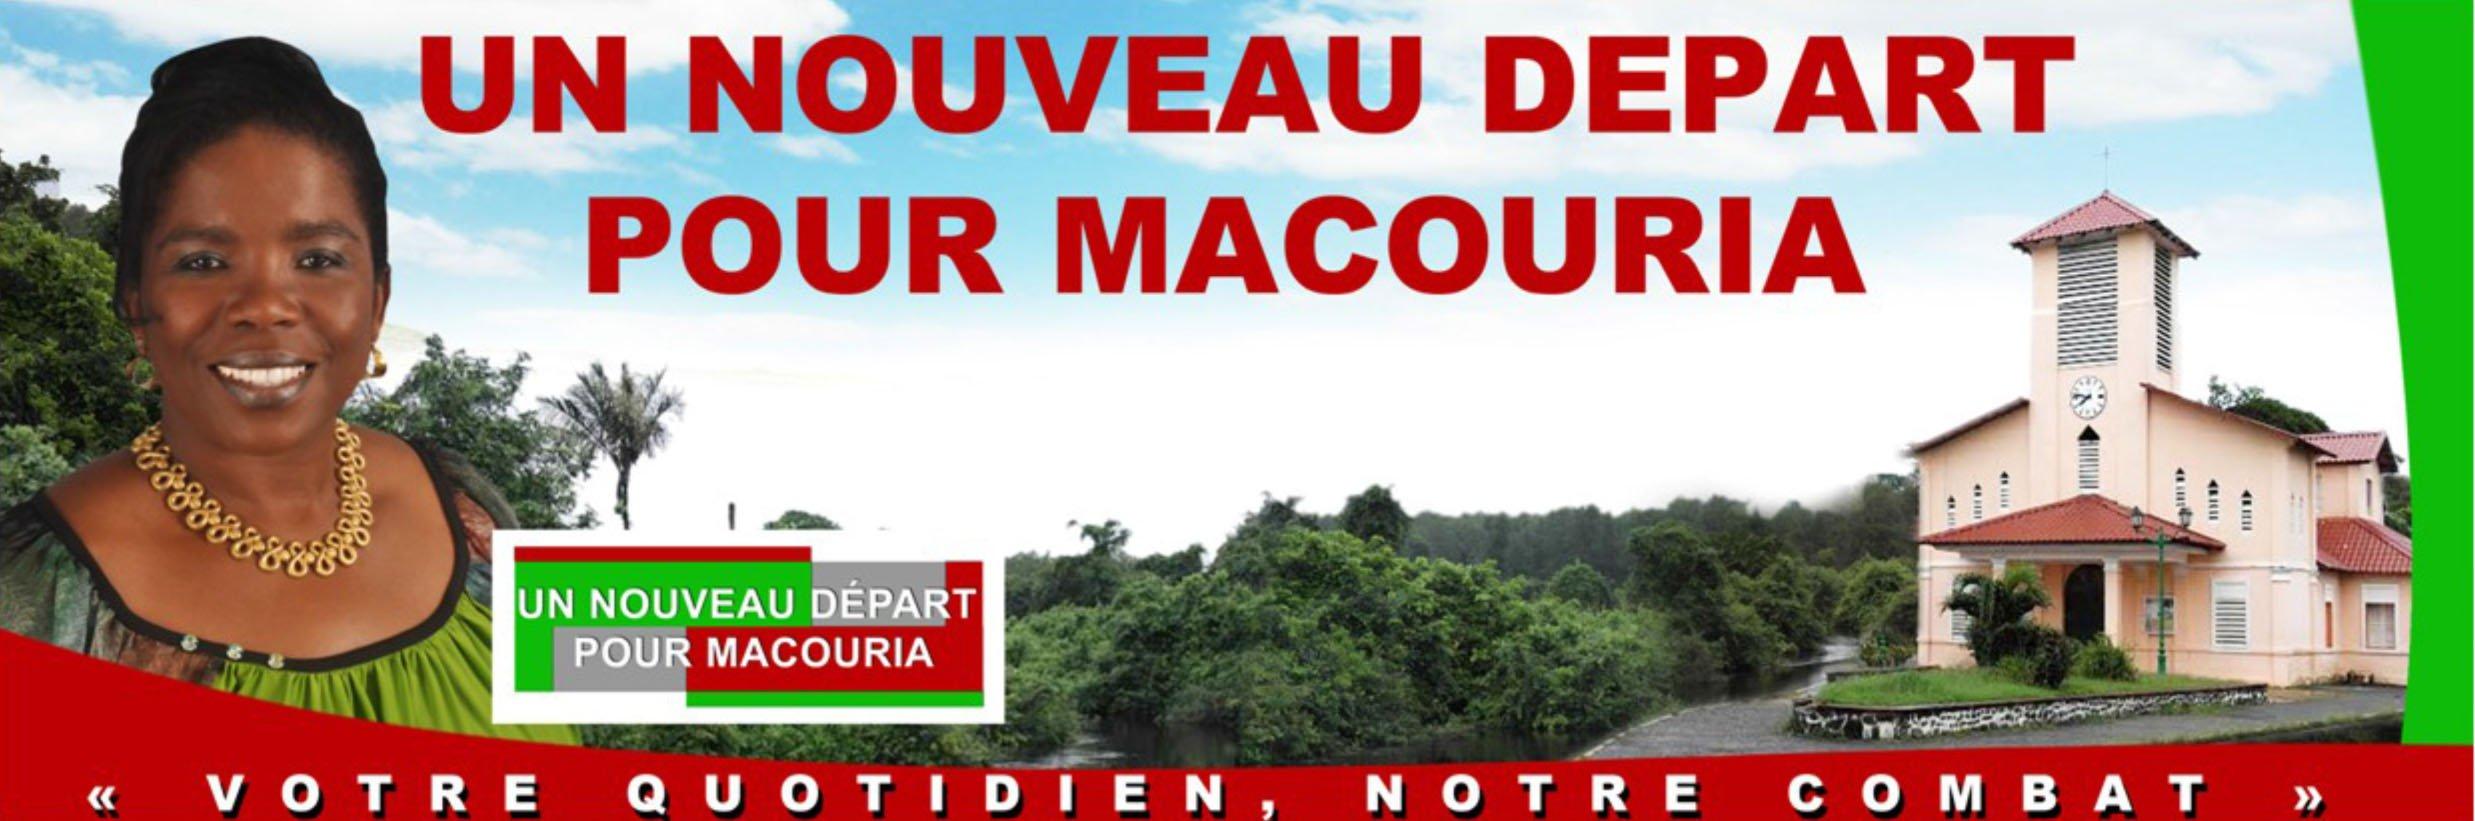 Un nouveau depart pour macouria 2014